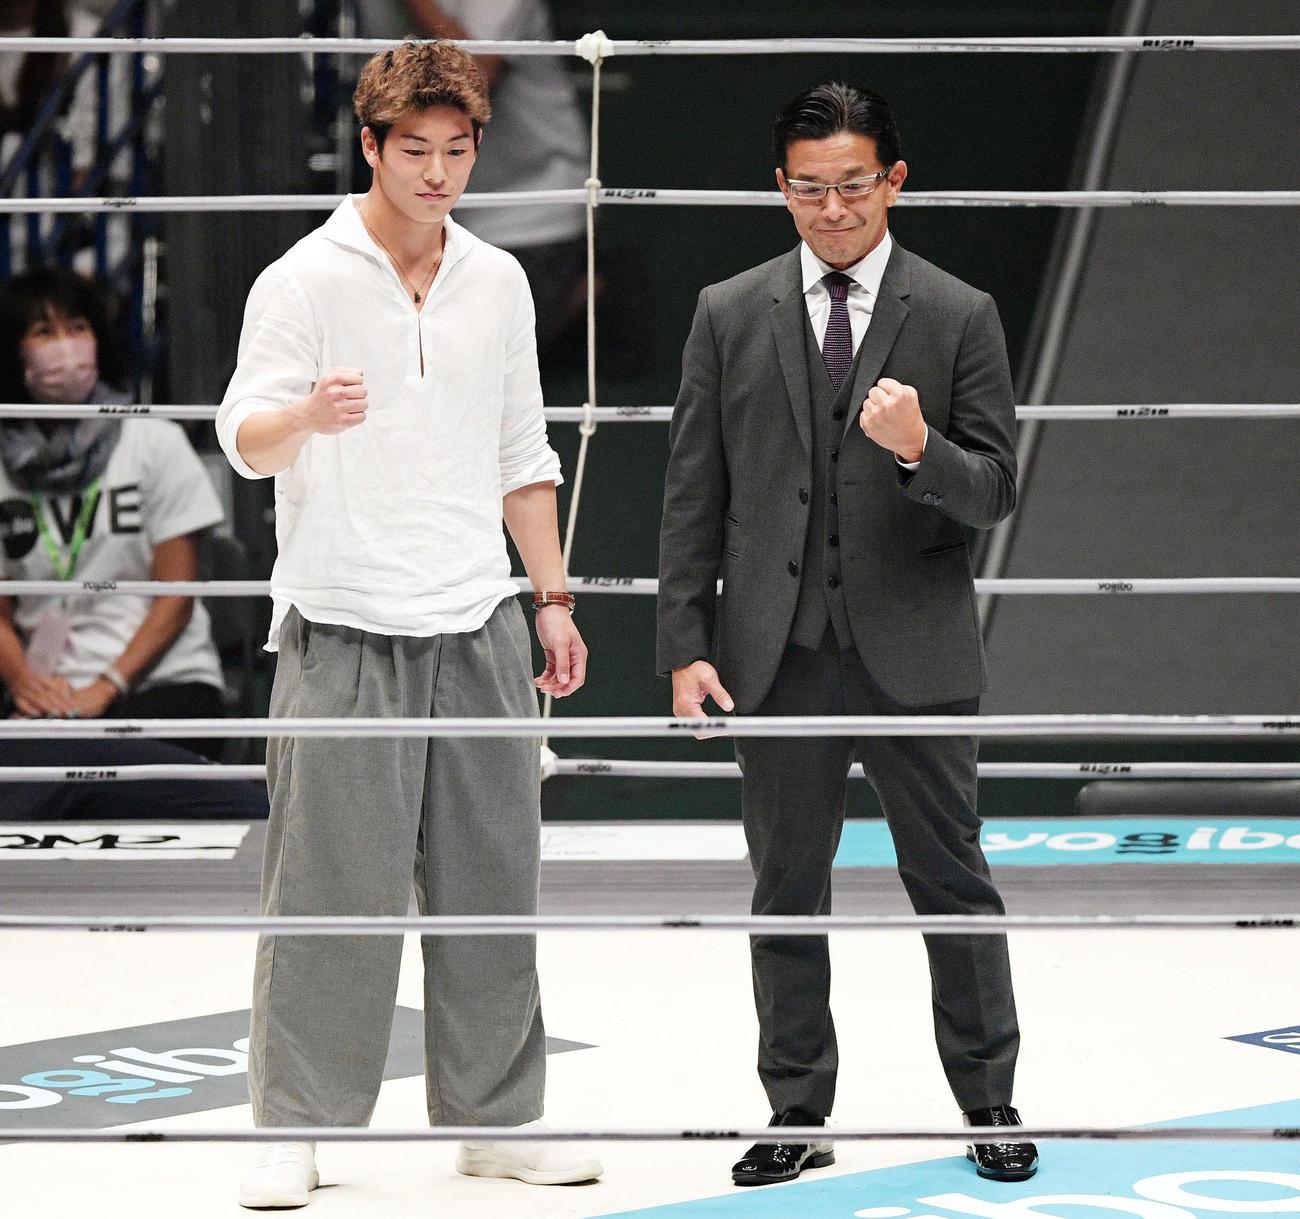 RIZINでデビューする事が決まりリング上であいさつした横浜FC三浦知良の息子の孝太(左)は榊原CEOと記念撮影する(撮影・滝沢徹郎)